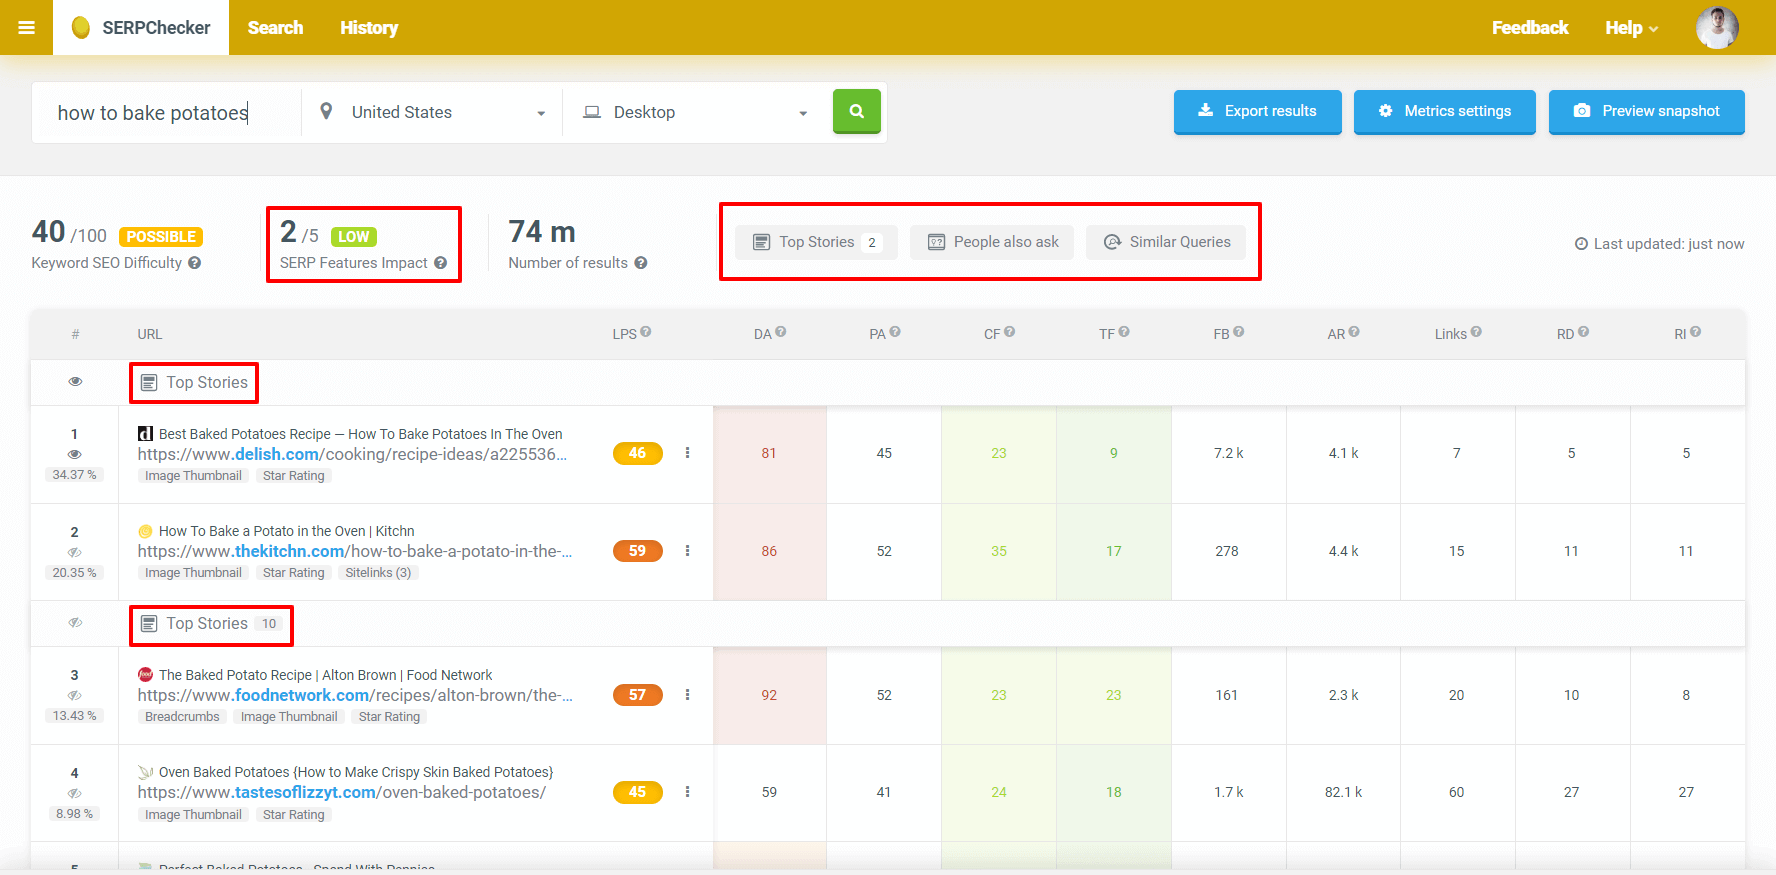 ابزار نتایج جستجو و ویژگی های SERP